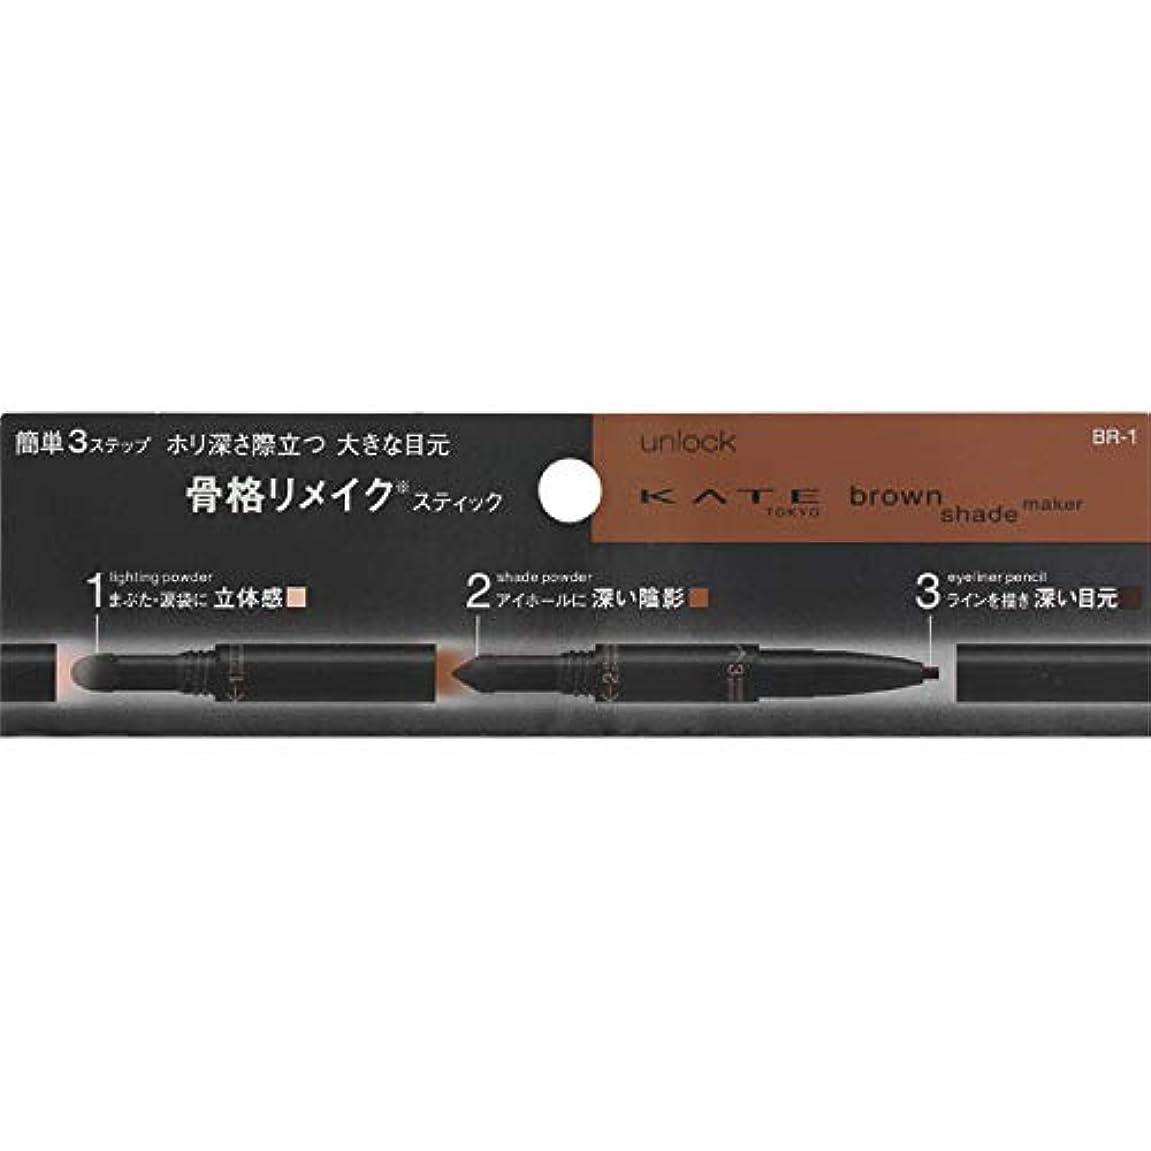 前投薬第幽霊カネボウ(Kanebo) ケイト ブラウンシェードメイカー<カラー:BR-1>